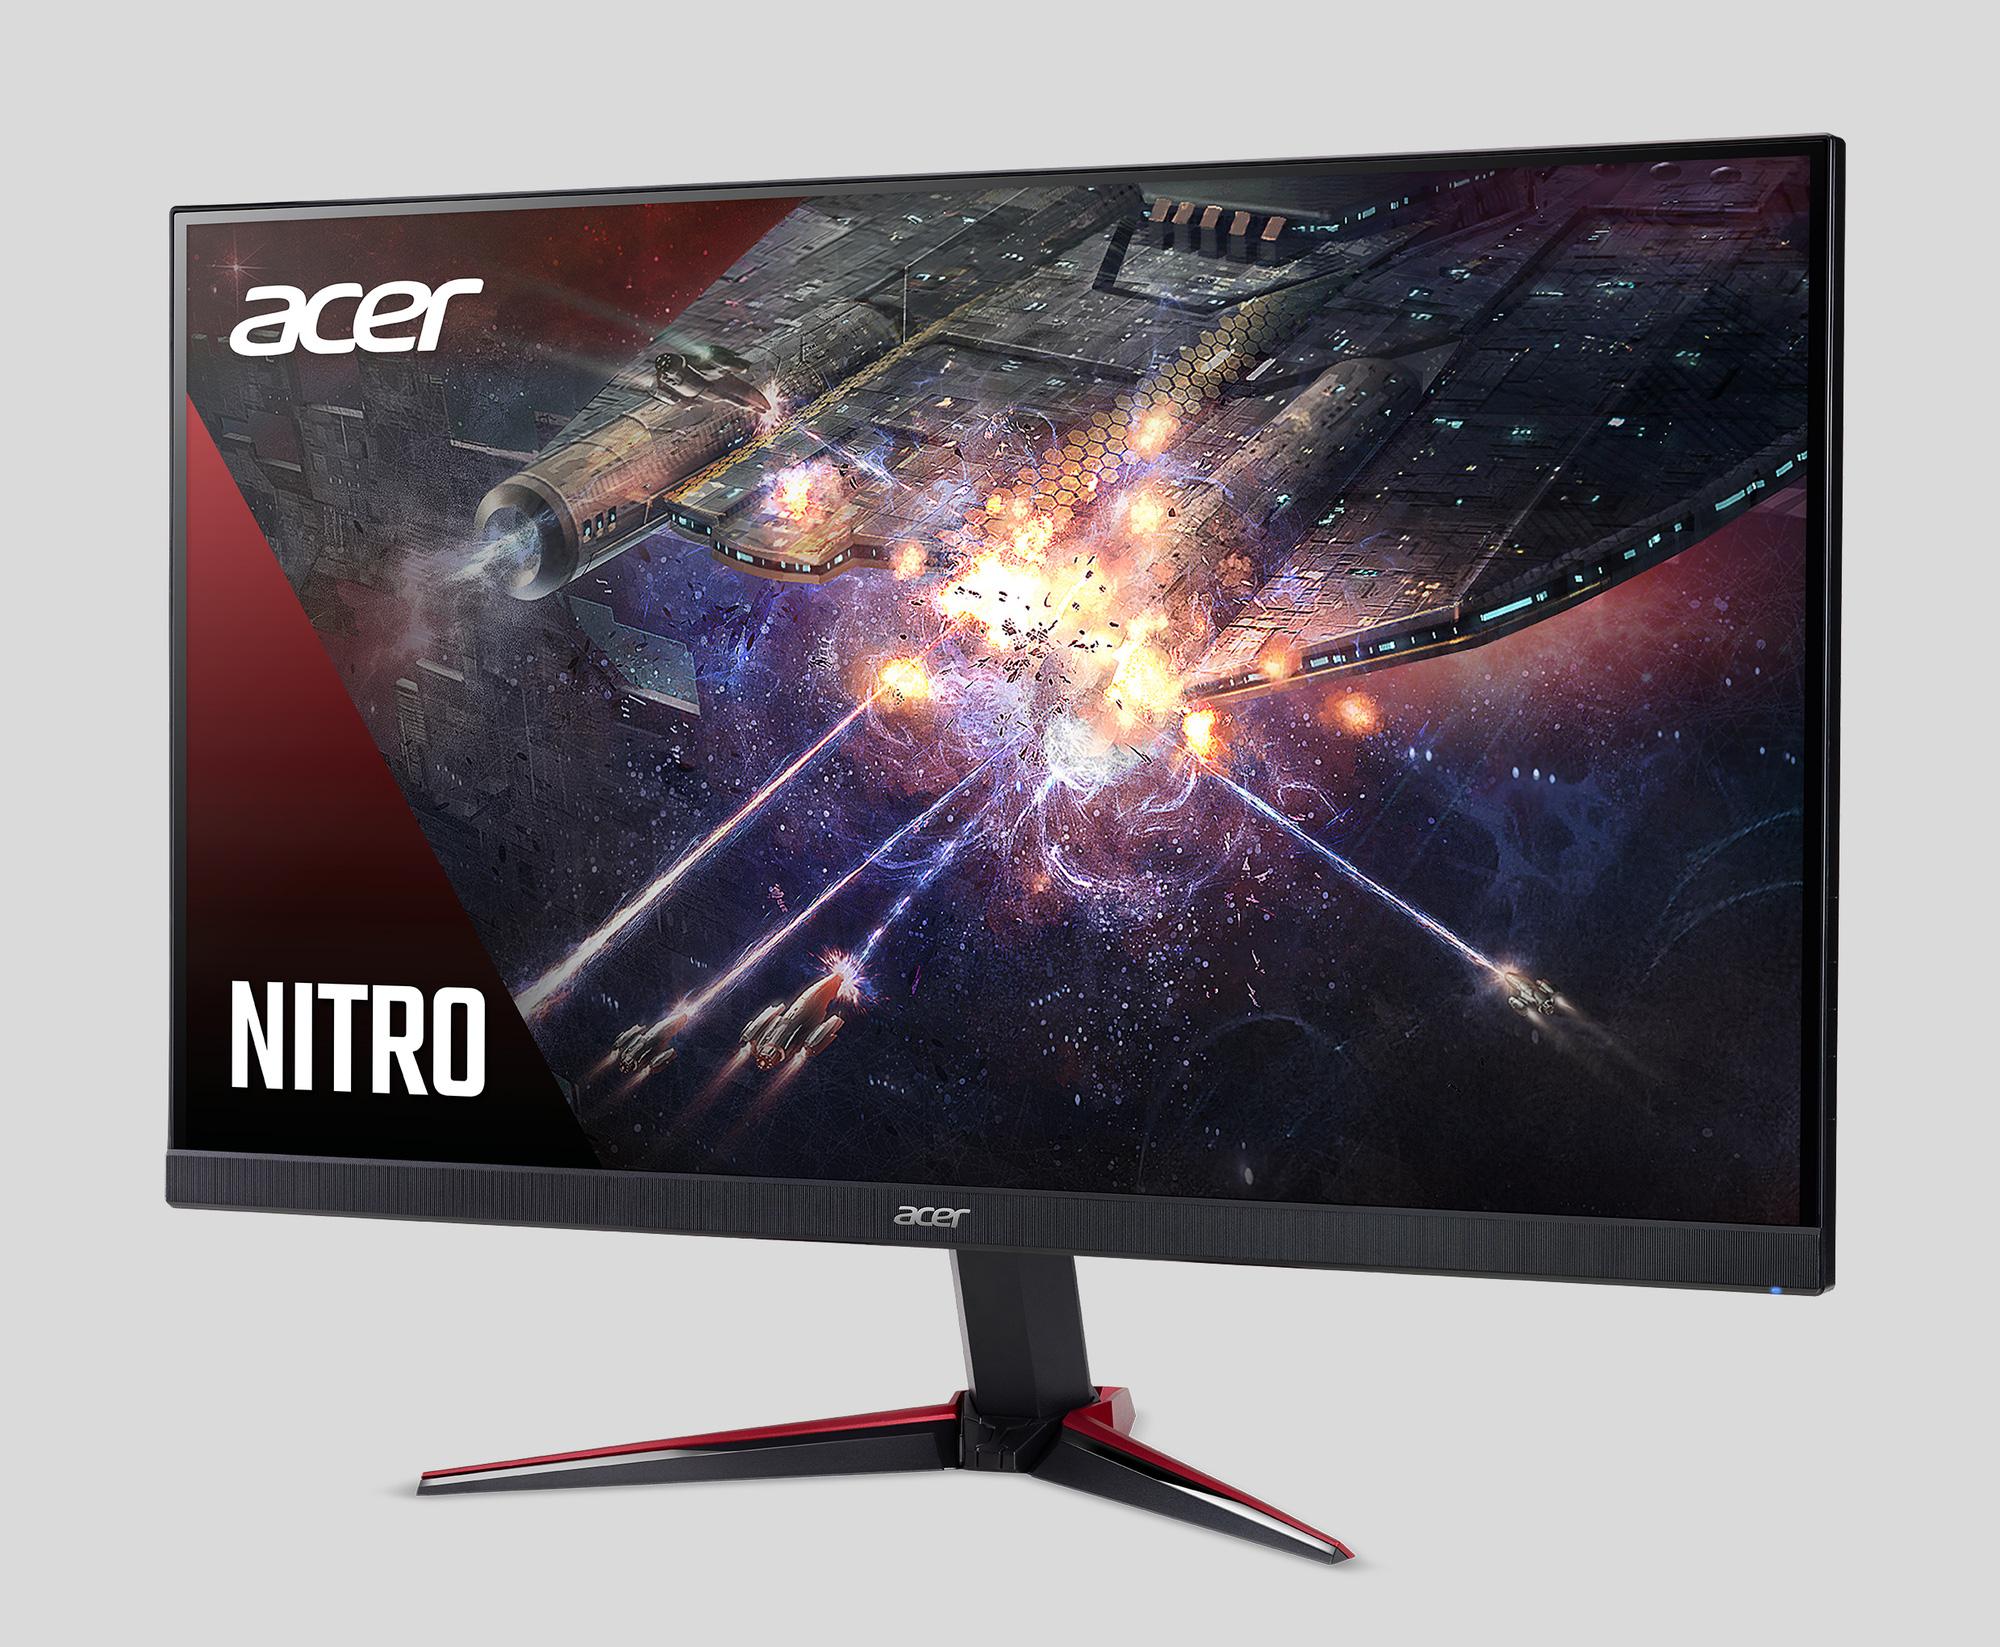 Acer trang bị tần số quét cực khủng 165Hz lên các sản phẩm màn hình gaming - Ảnh 2.